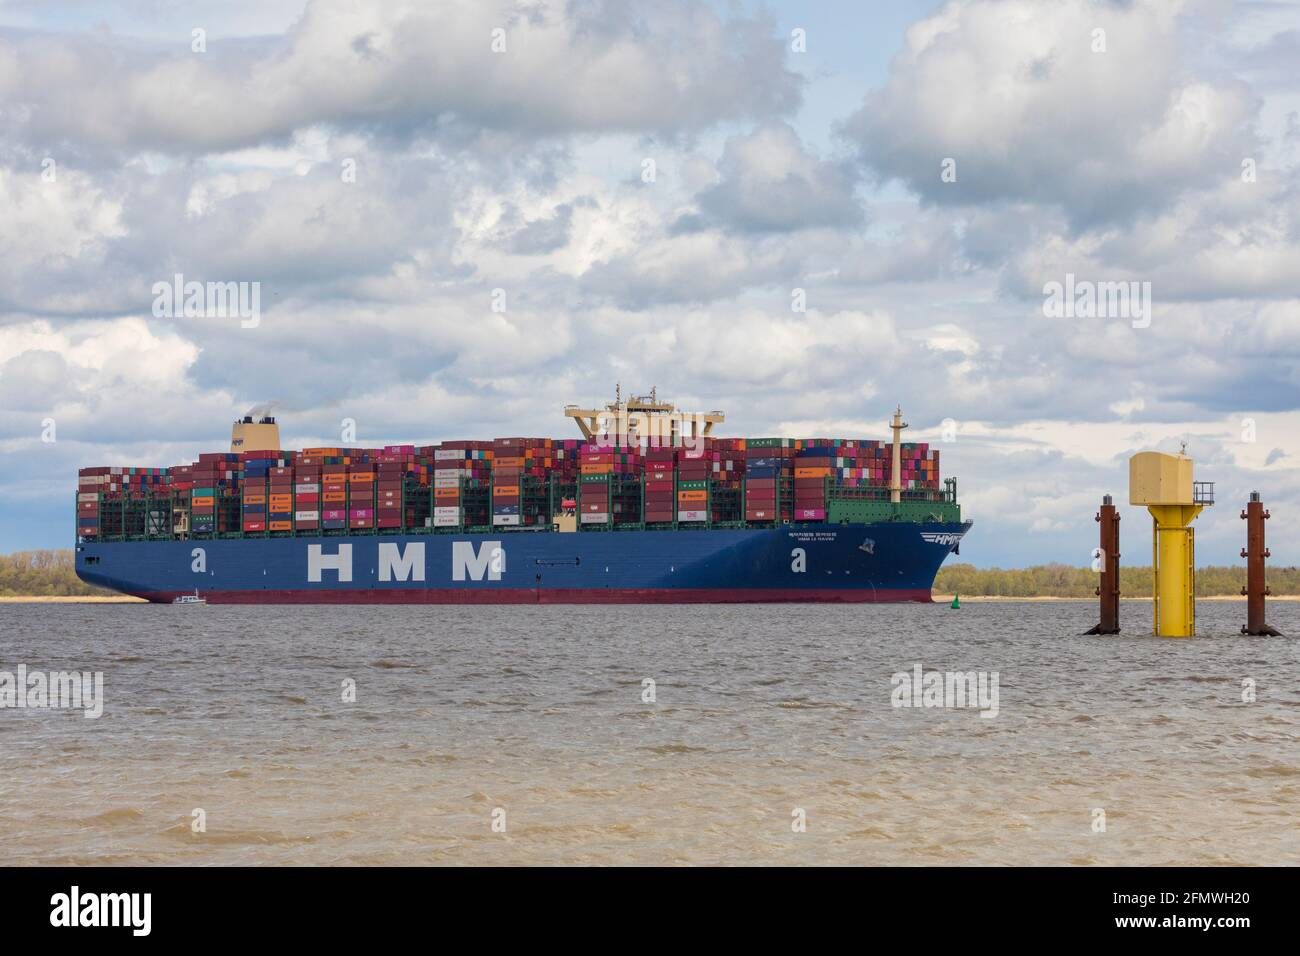 Stade, 7. Mai 2021: HMM LE HAVRE, mit ihren Schwesterschiffen der Megamax-Klasse das größte Containerschiff weltweit. Stockfoto